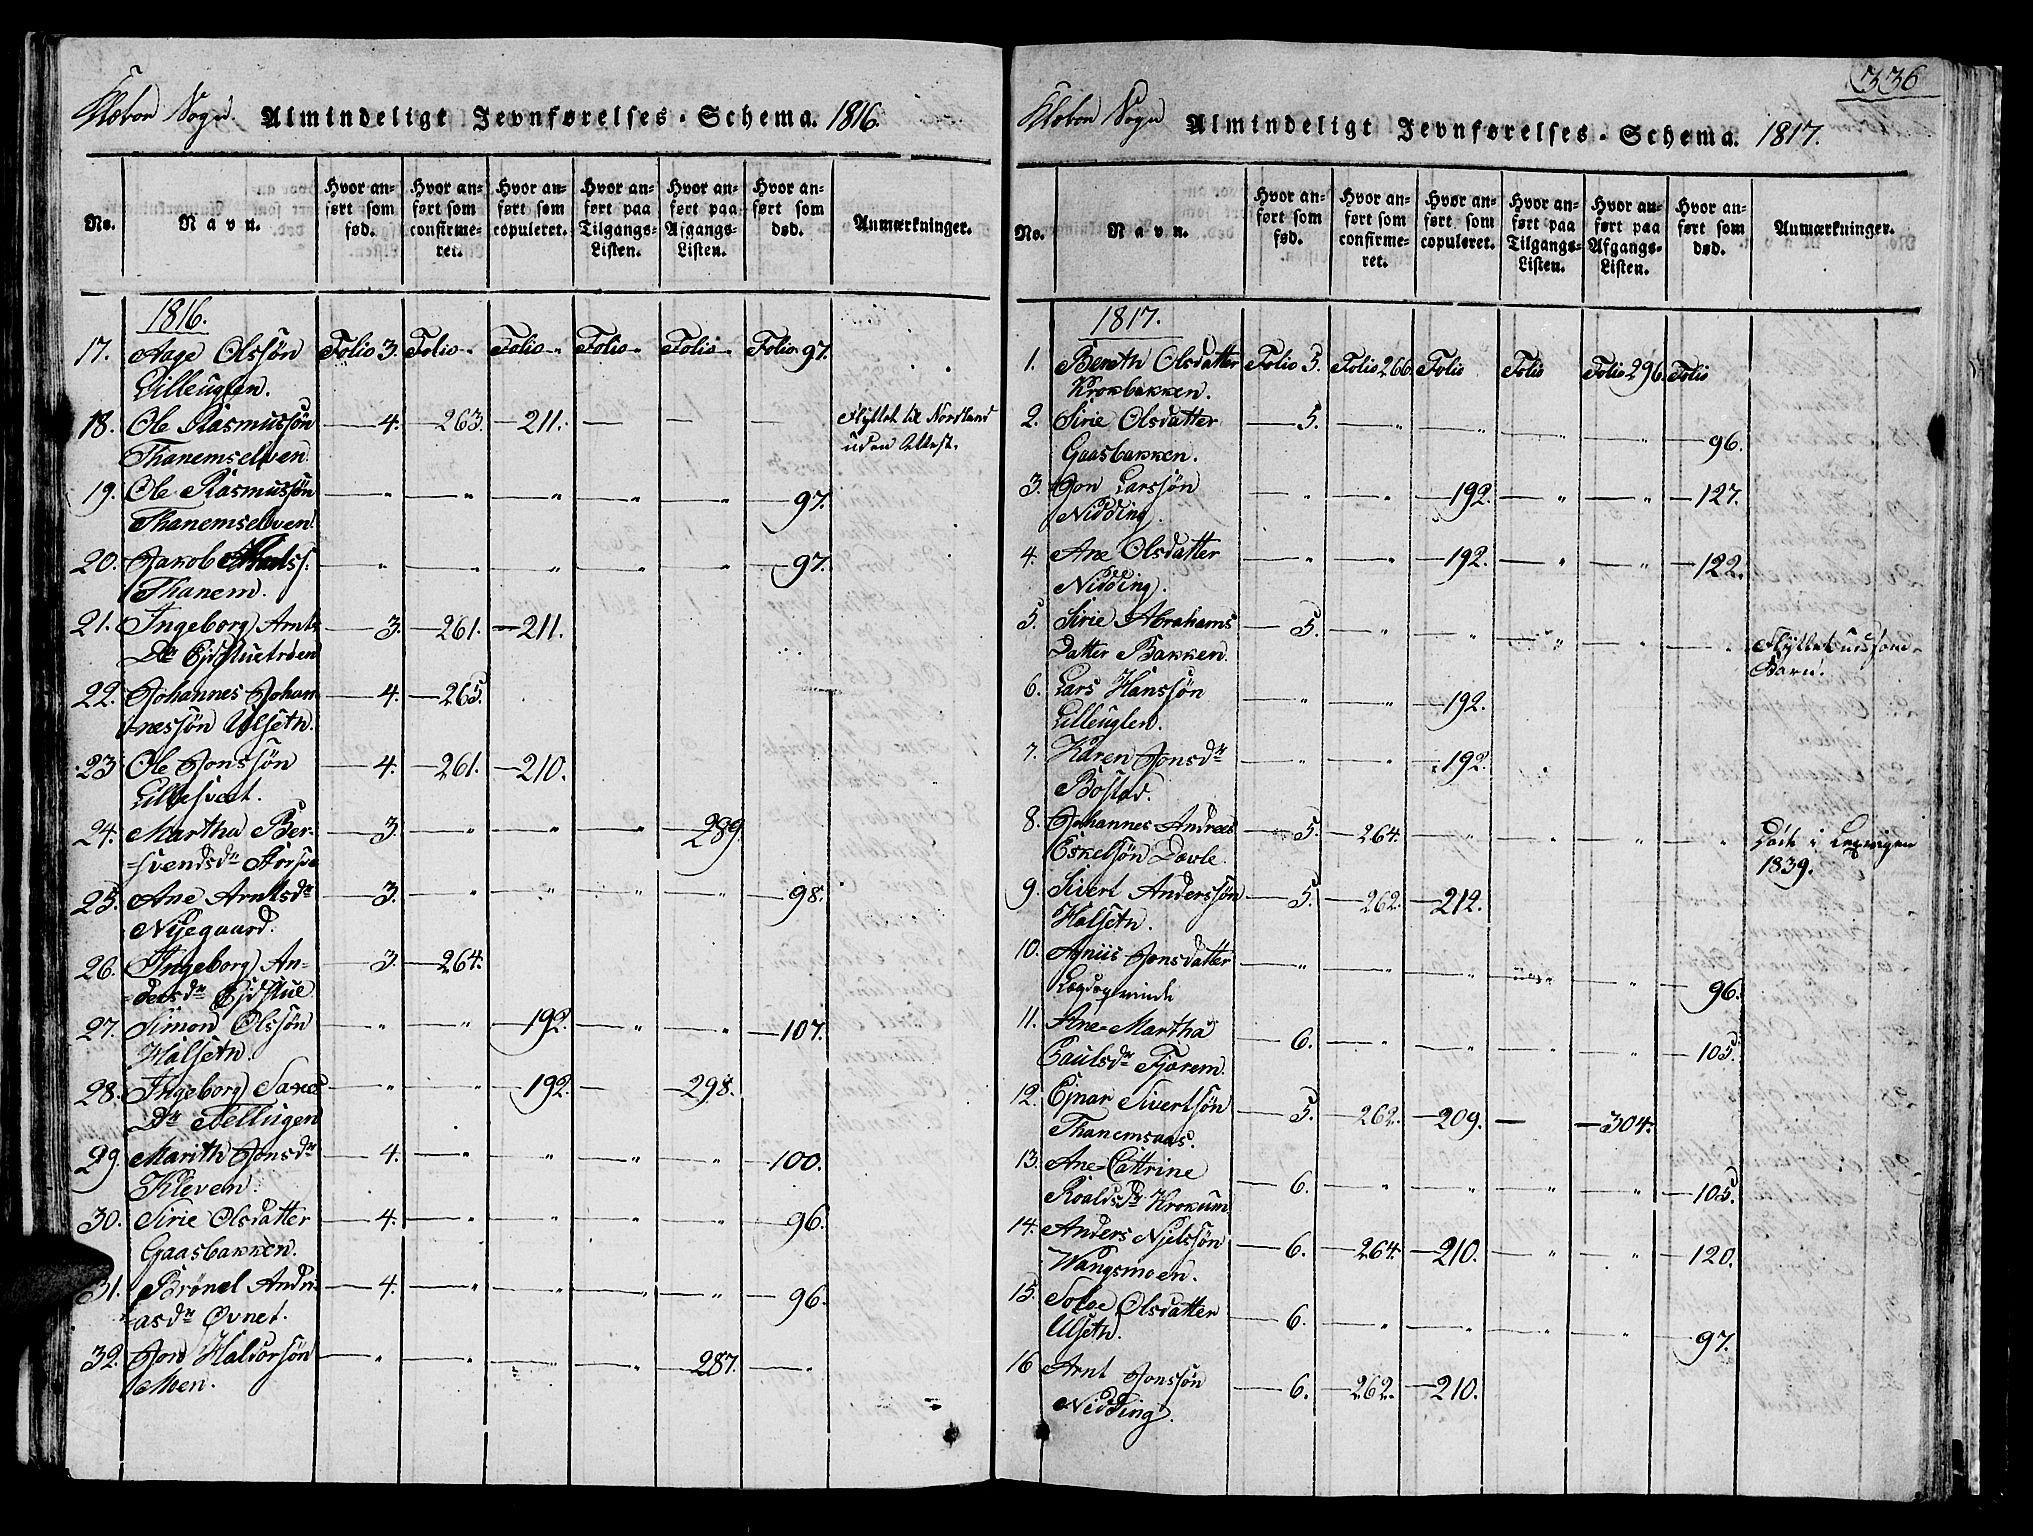 SAT, Ministerialprotokoller, klokkerbøker og fødselsregistre - Sør-Trøndelag, 618/L0450: Klokkerbok nr. 618C01, 1816-1865, s. 336